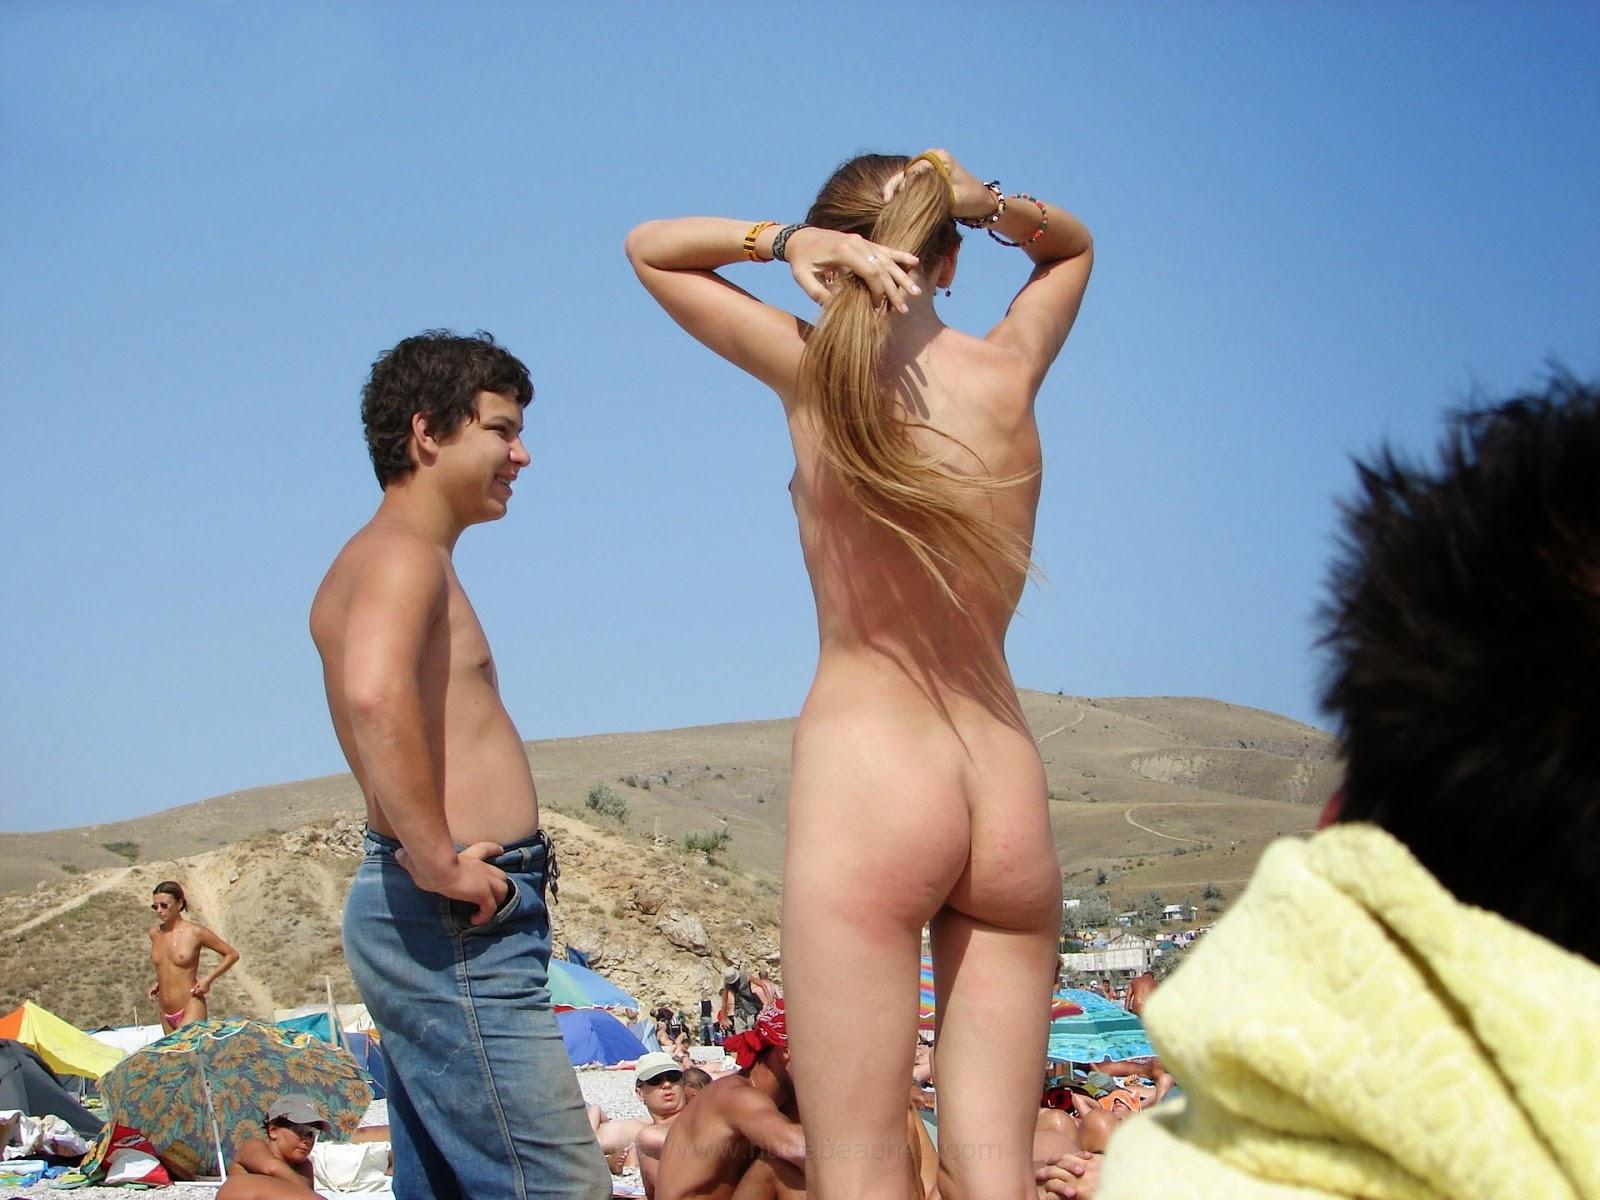 Фото нудистов сочи, Нудистские пляжи Сочи: секретные места, о которых не 2 фотография